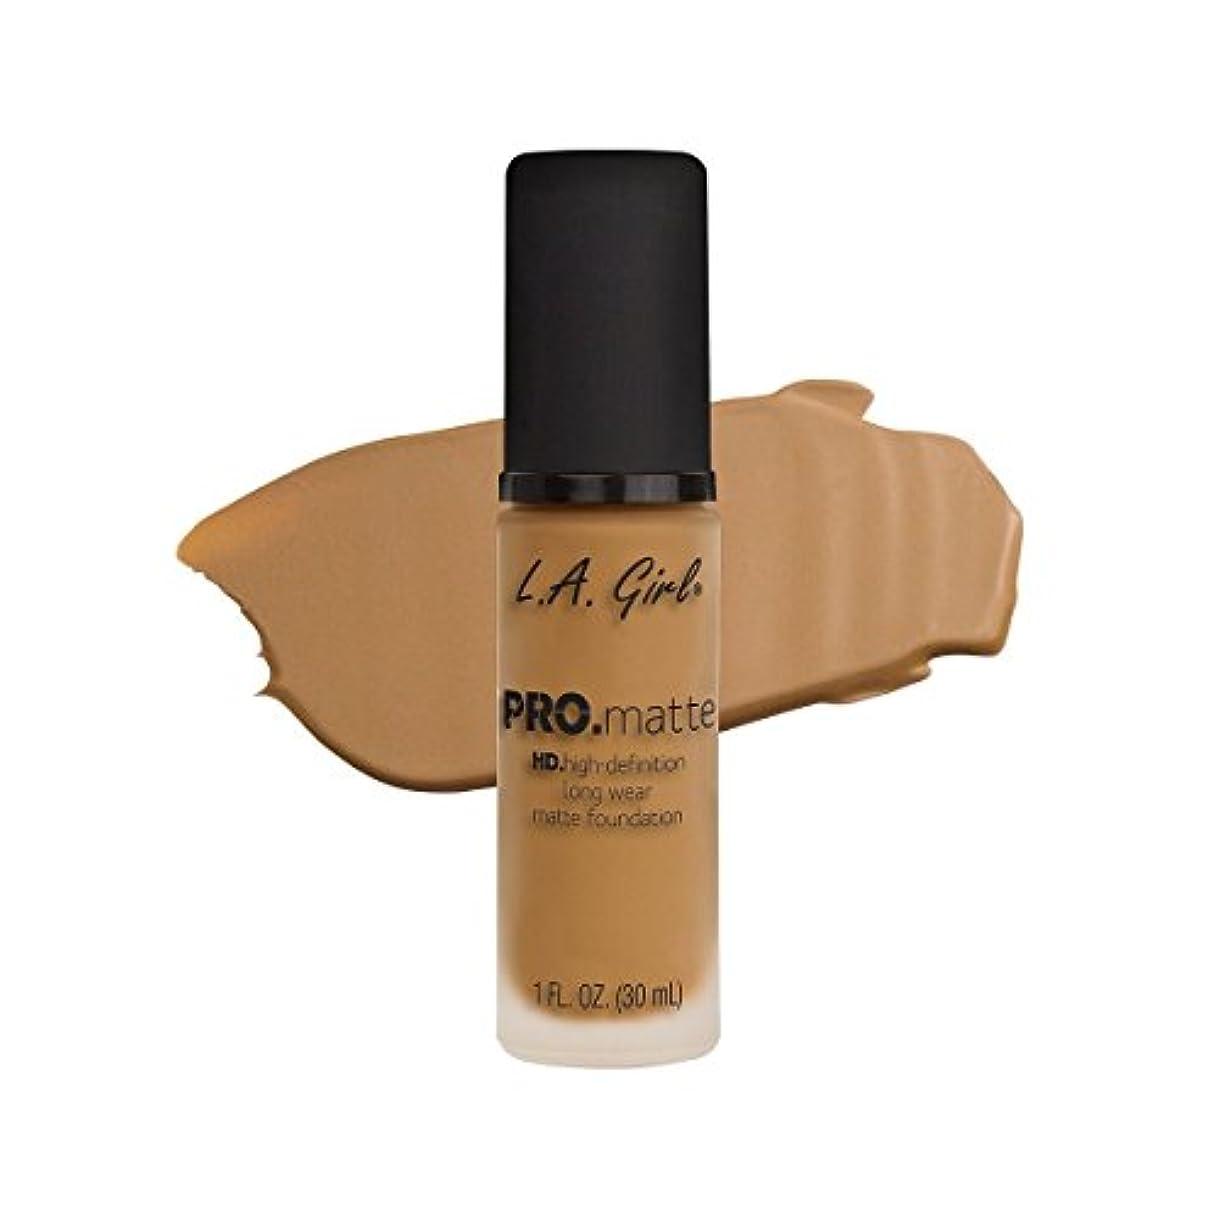 飛行場振幅トランクライブラリ(3 Pack) L.A. GIRL Pro Matte Foundation - Sand (並行輸入品)